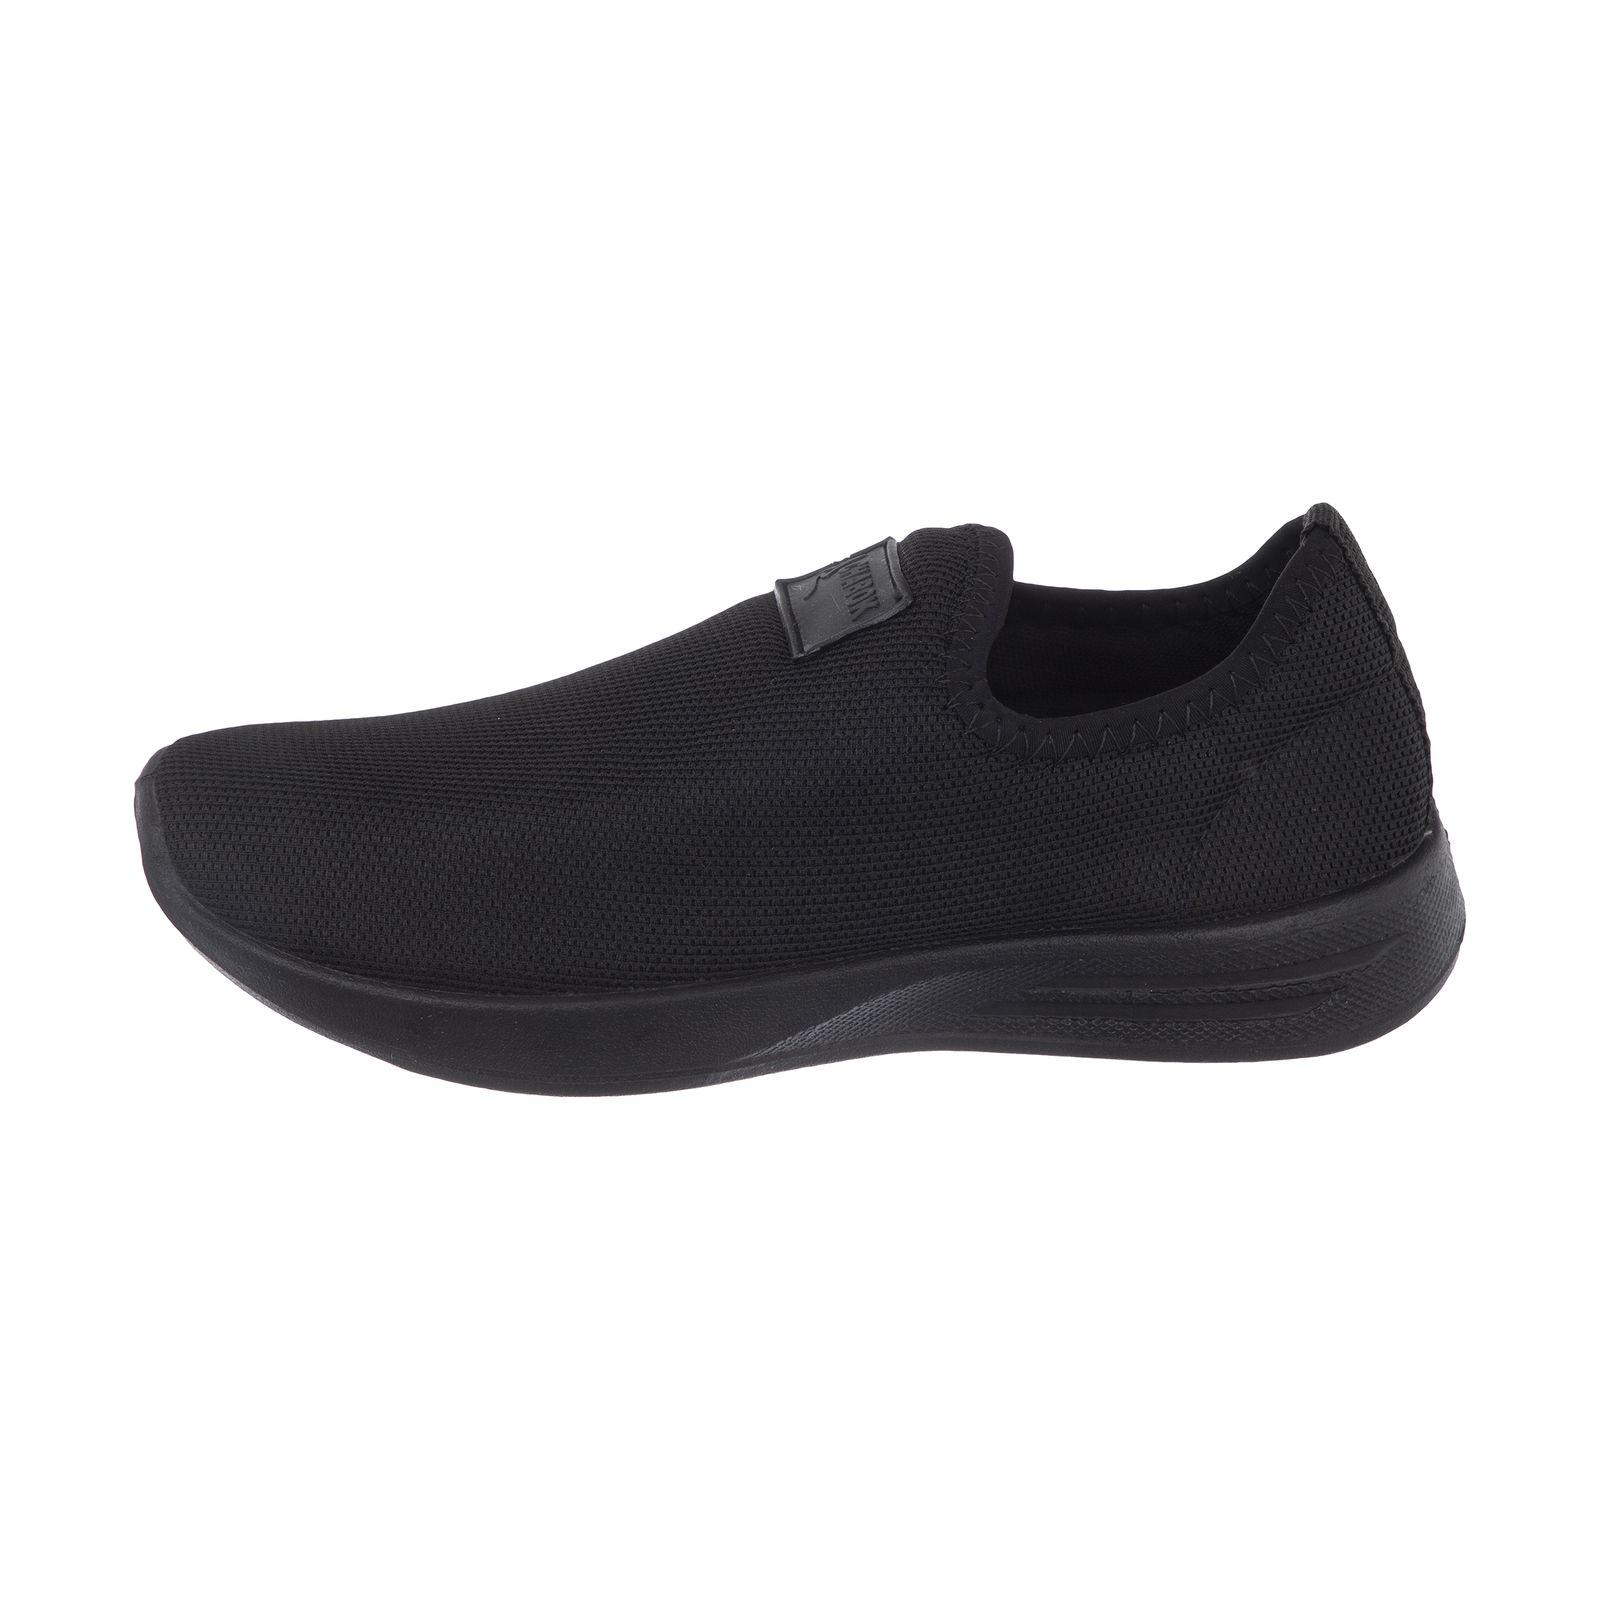 کفش راحتی چابک مدل رامش رنگ مشکی -  - 2